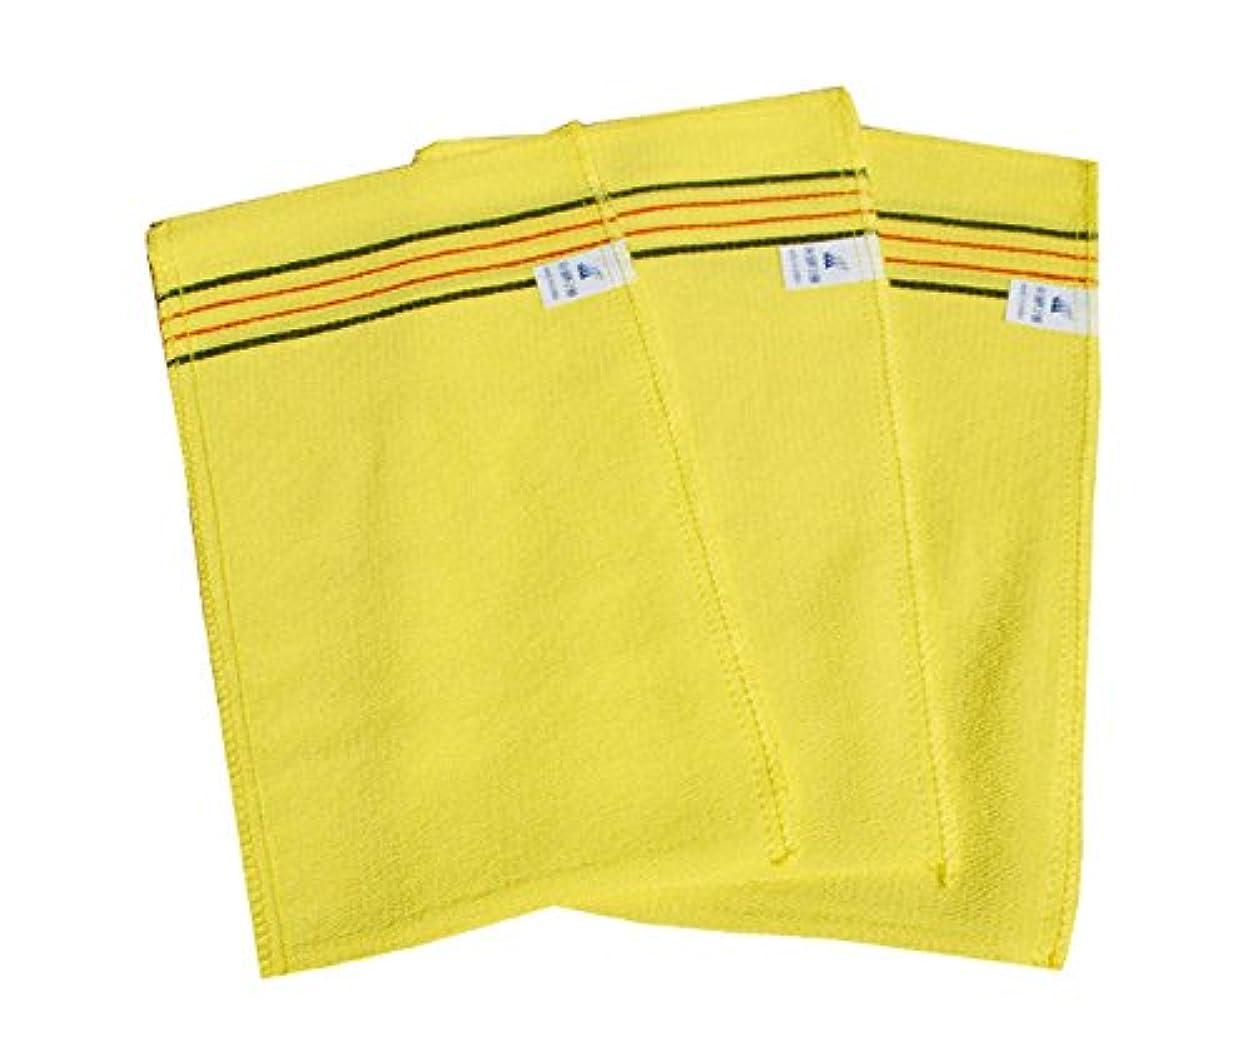 お世話になった消えるワーカーKorea Bath Massage Towel Large Size Asian Exfoliating Bath Washcloth 10 pcs Korea representative brand Songwol towel Large Size